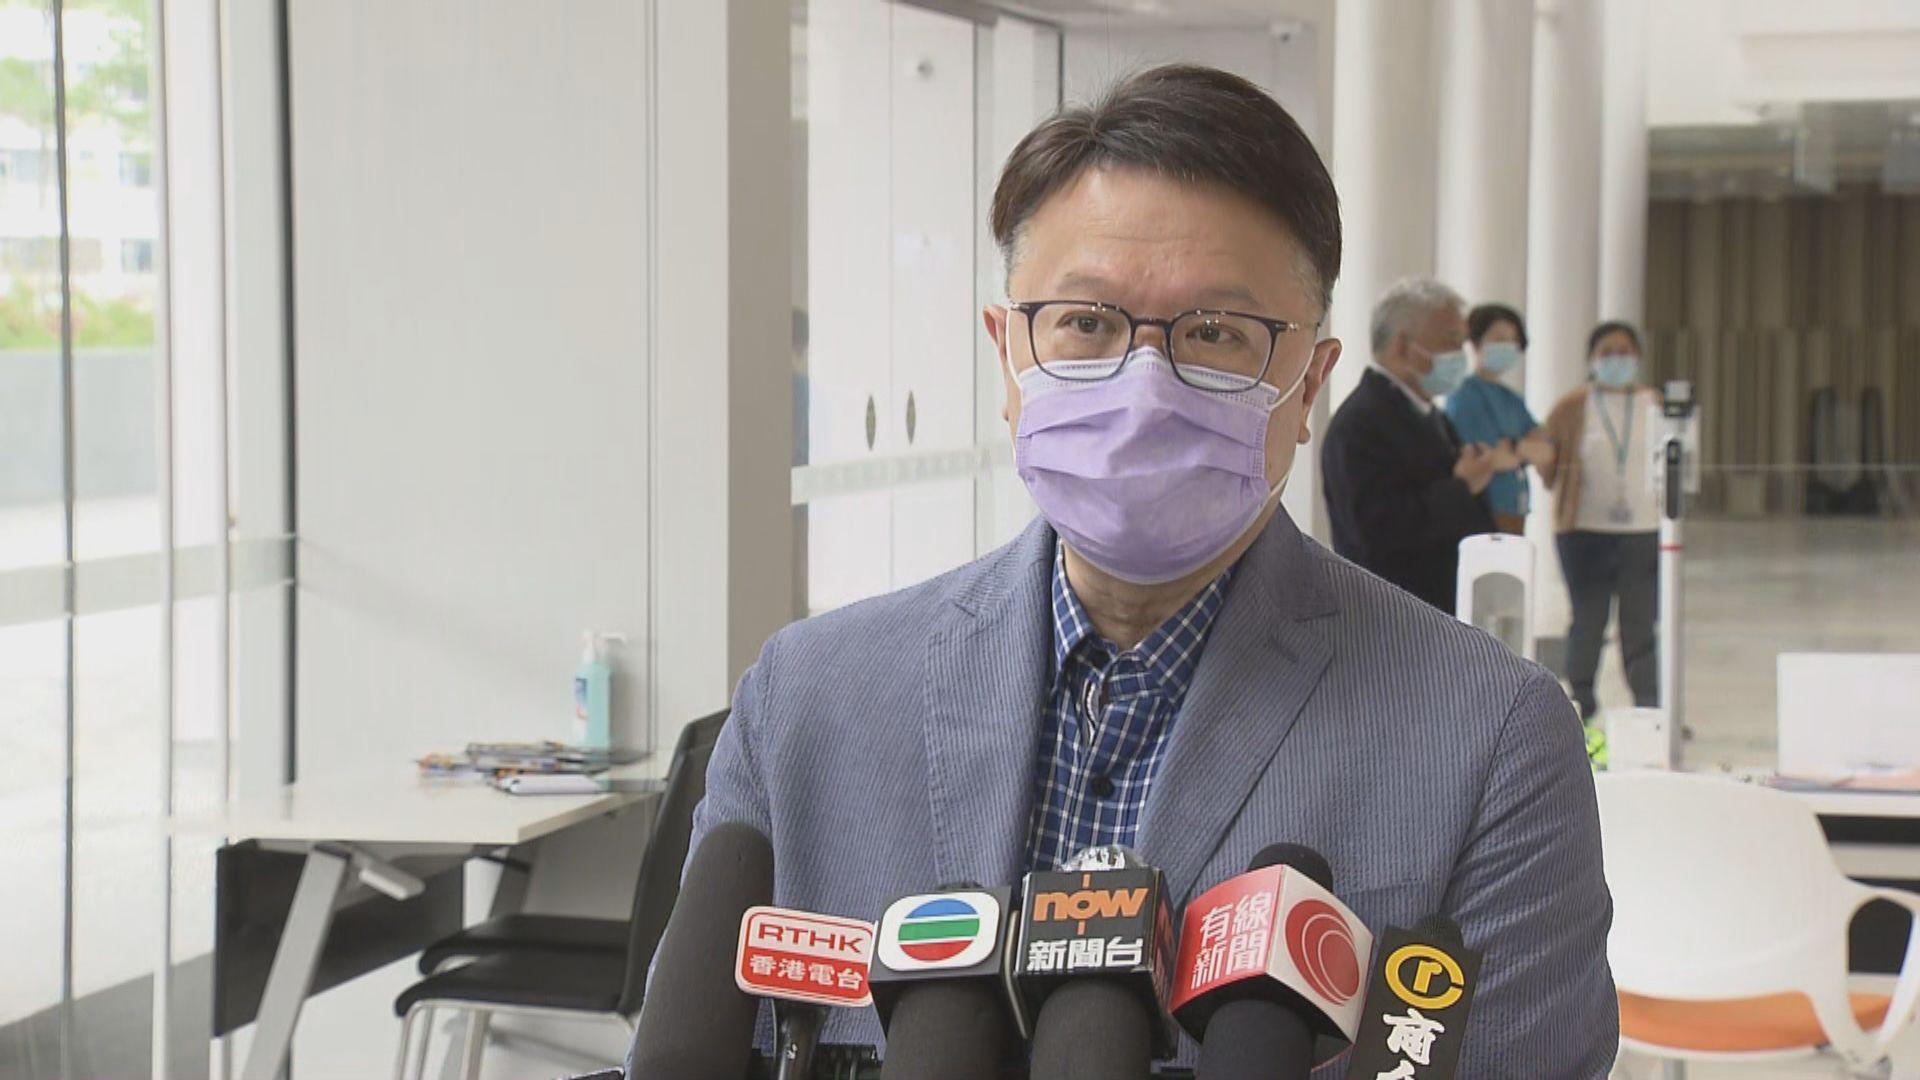 許樹昌指政府需視乎接種人數才考慮擴展接種計劃